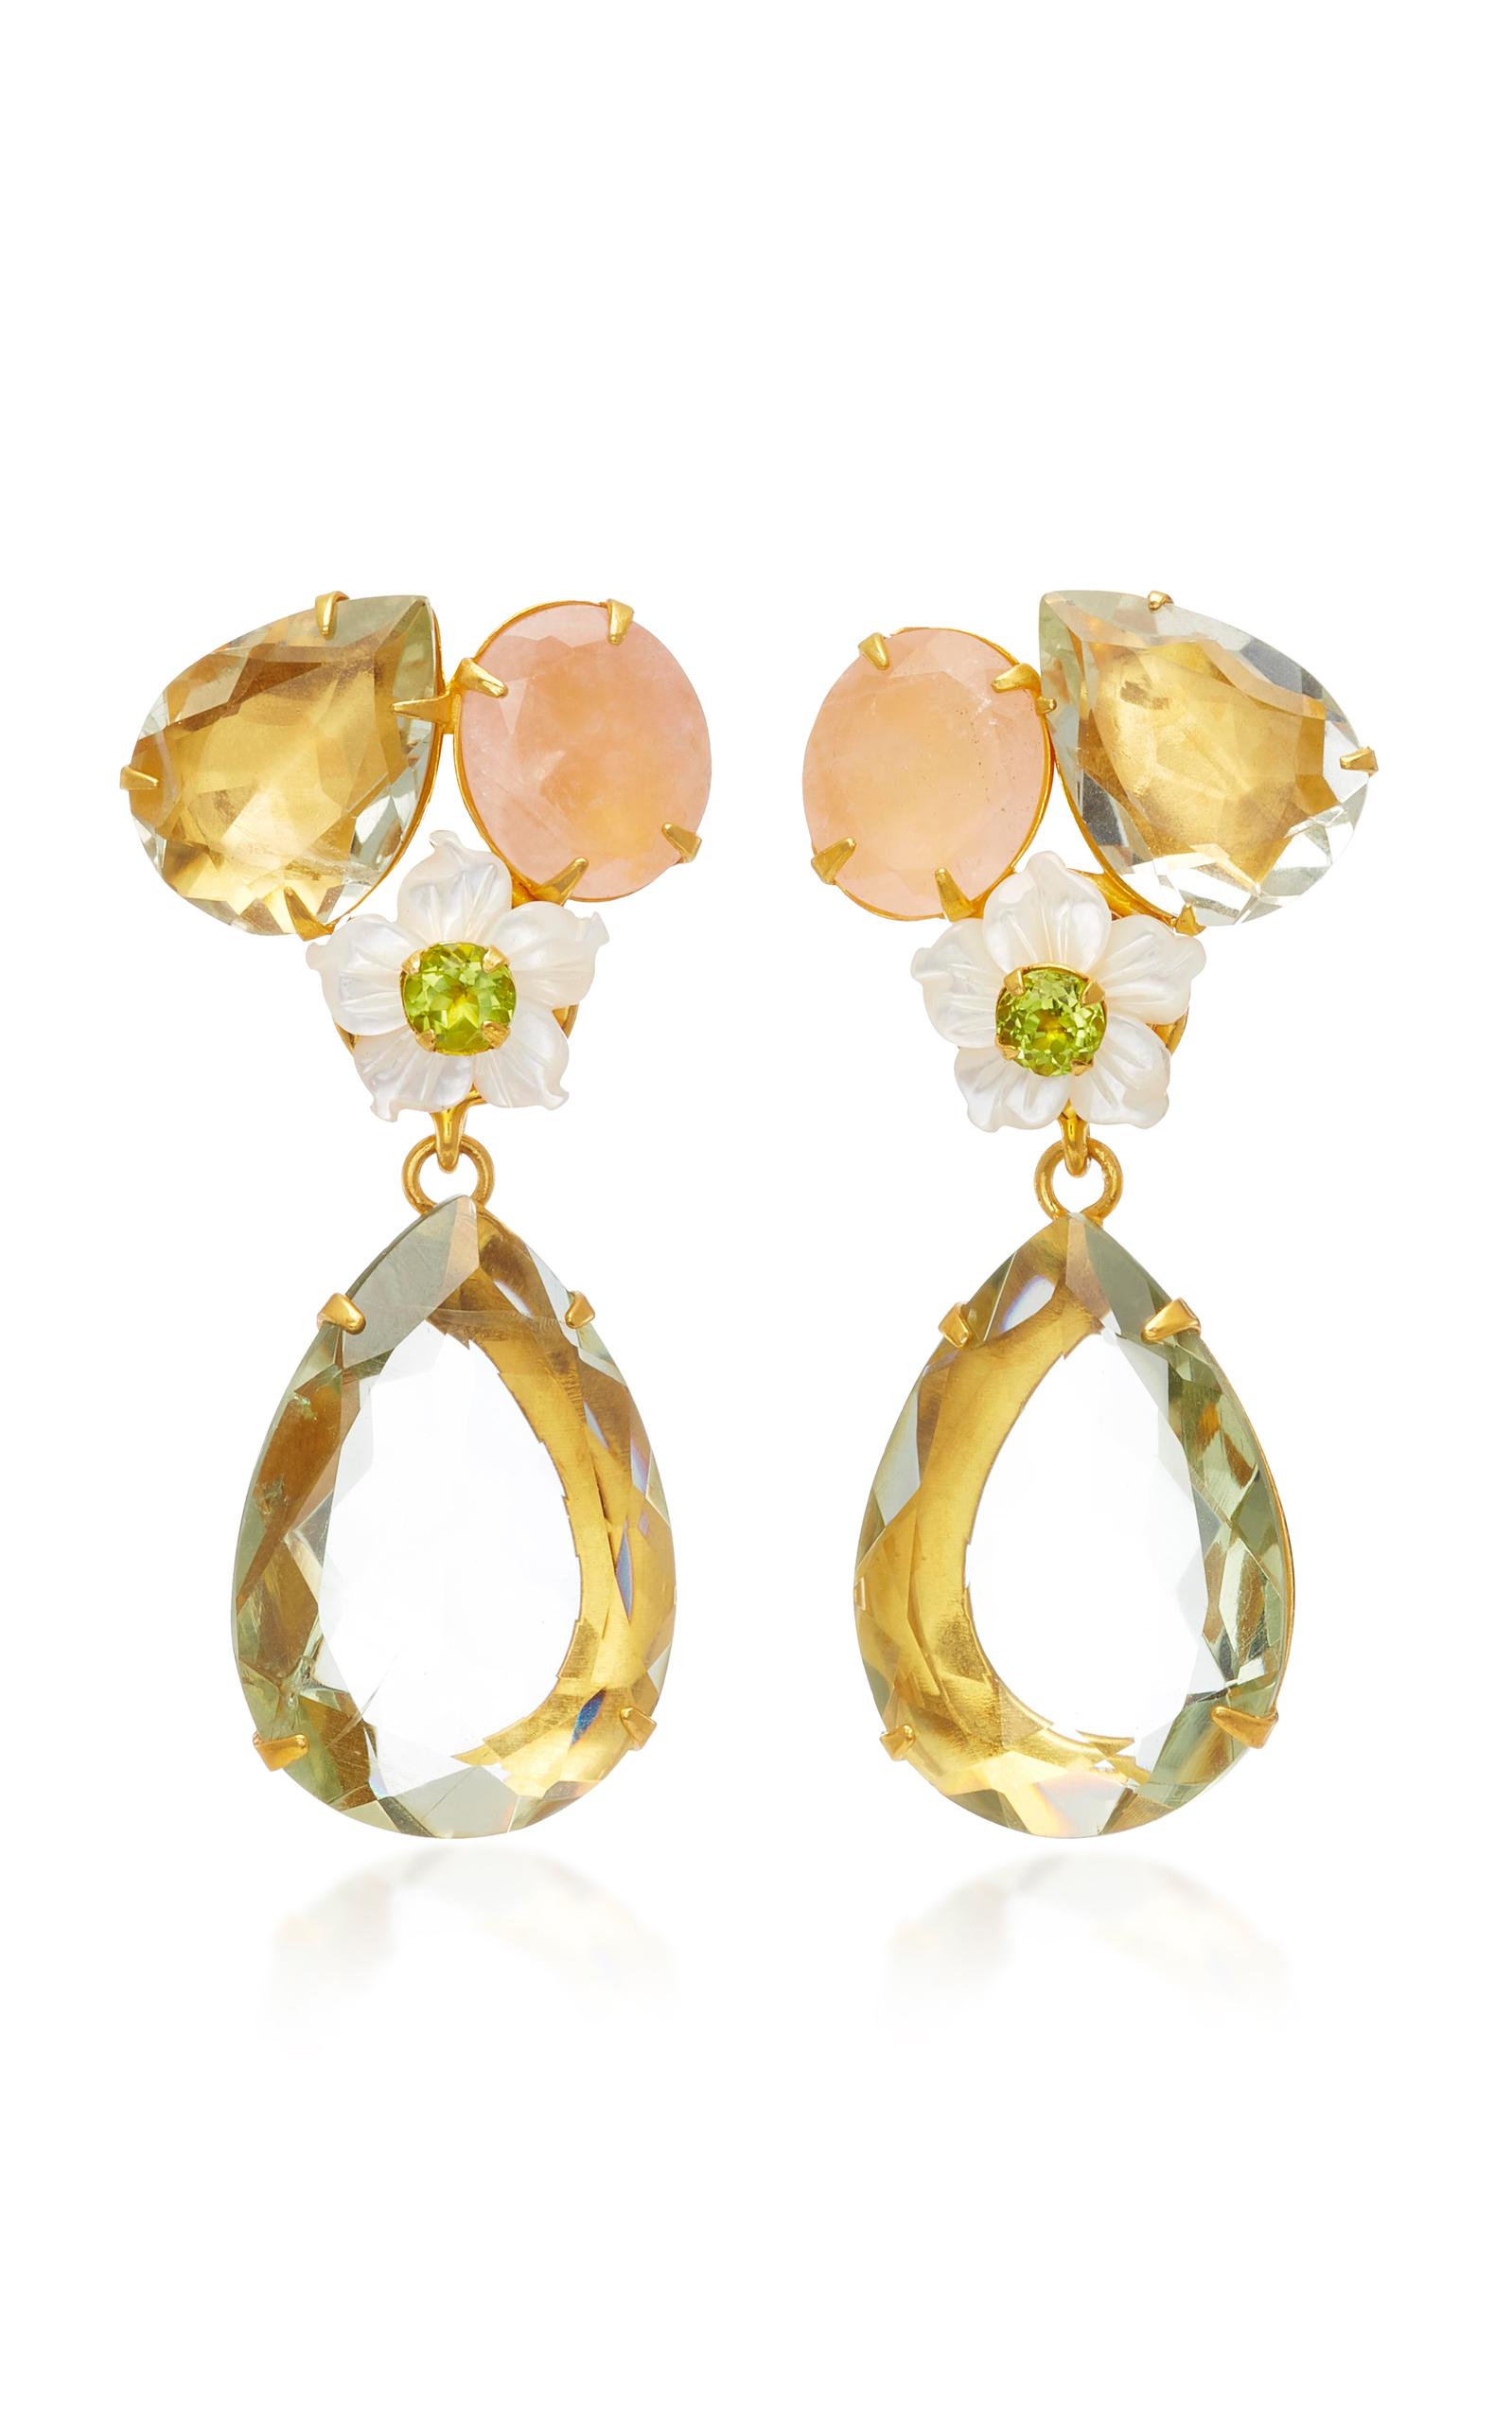 14K Gold-Plated Brass Chalcedony Mother of Pearl Amethyst Lolite Rose Quartz Earrings Bounkit 6BbGcNNrp